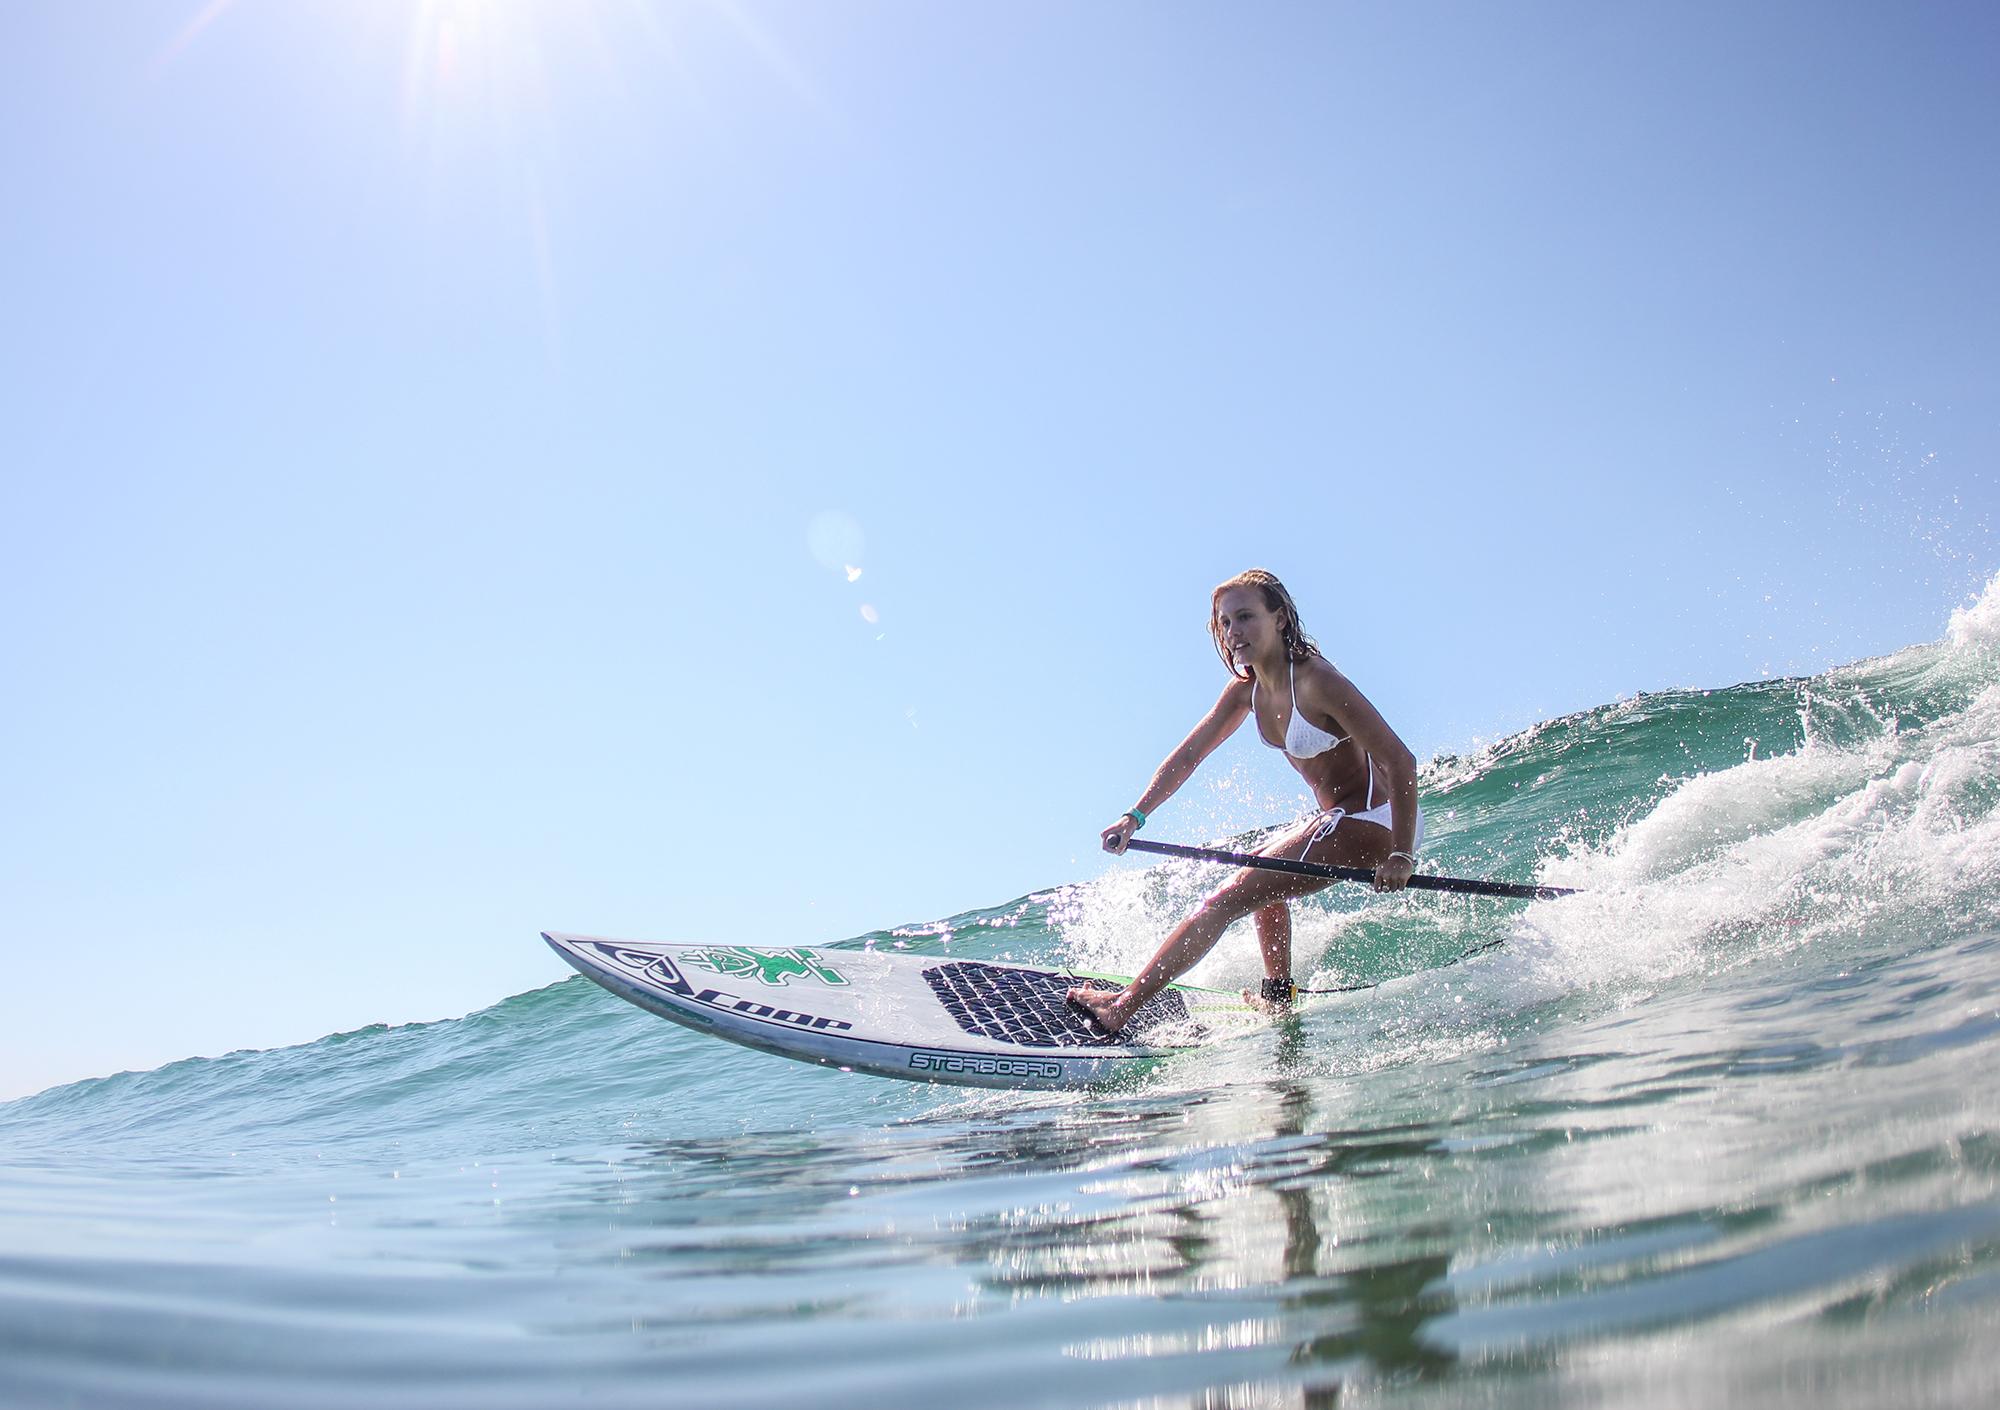 Galeria Surf imagen 5 Citlali Chalvignac